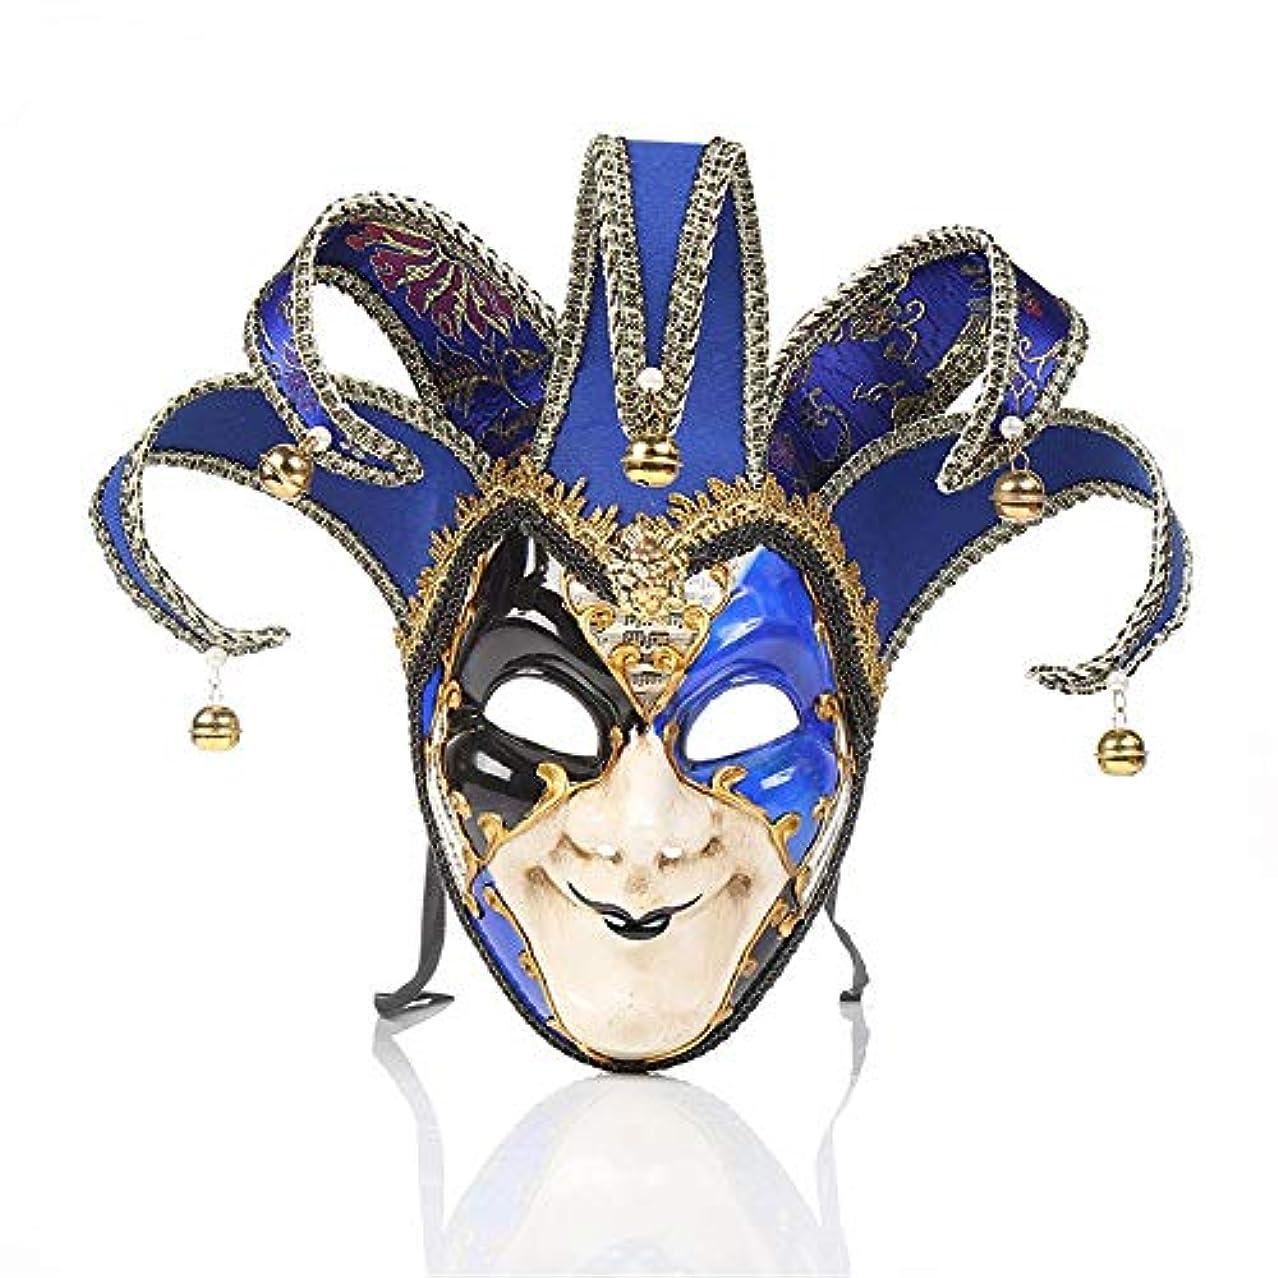 真剣に批評活力ダンスマスク ピエロマスクハロウィーンパフォーマンスパフォーマンス仮面舞踏会雰囲気用品祭りロールプレイングプラスチックマスク ホリデーパーティー用品 (色 : 青, サイズ : 39x33cm)